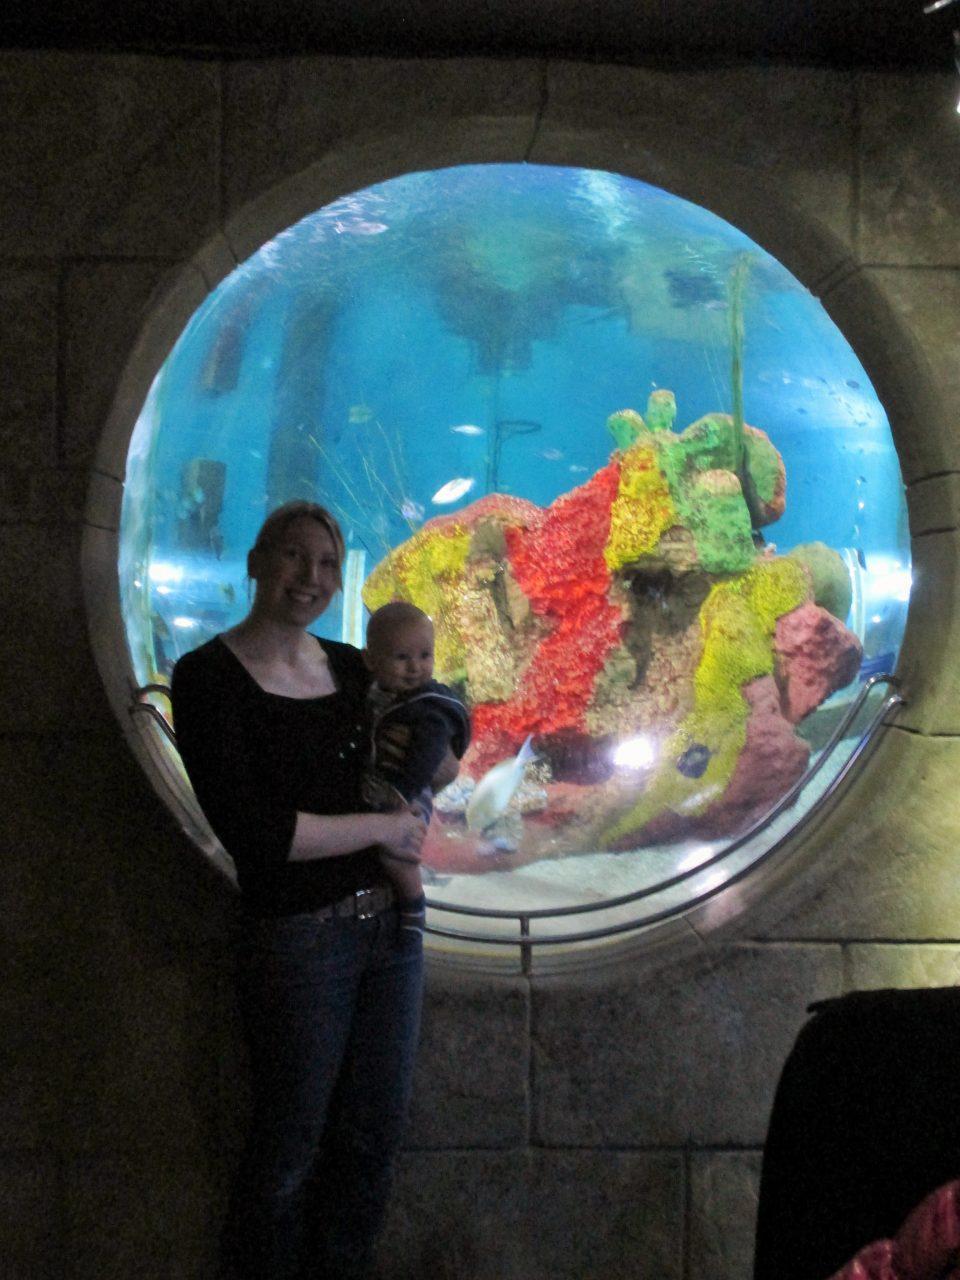 2 people stood in front of aquarium